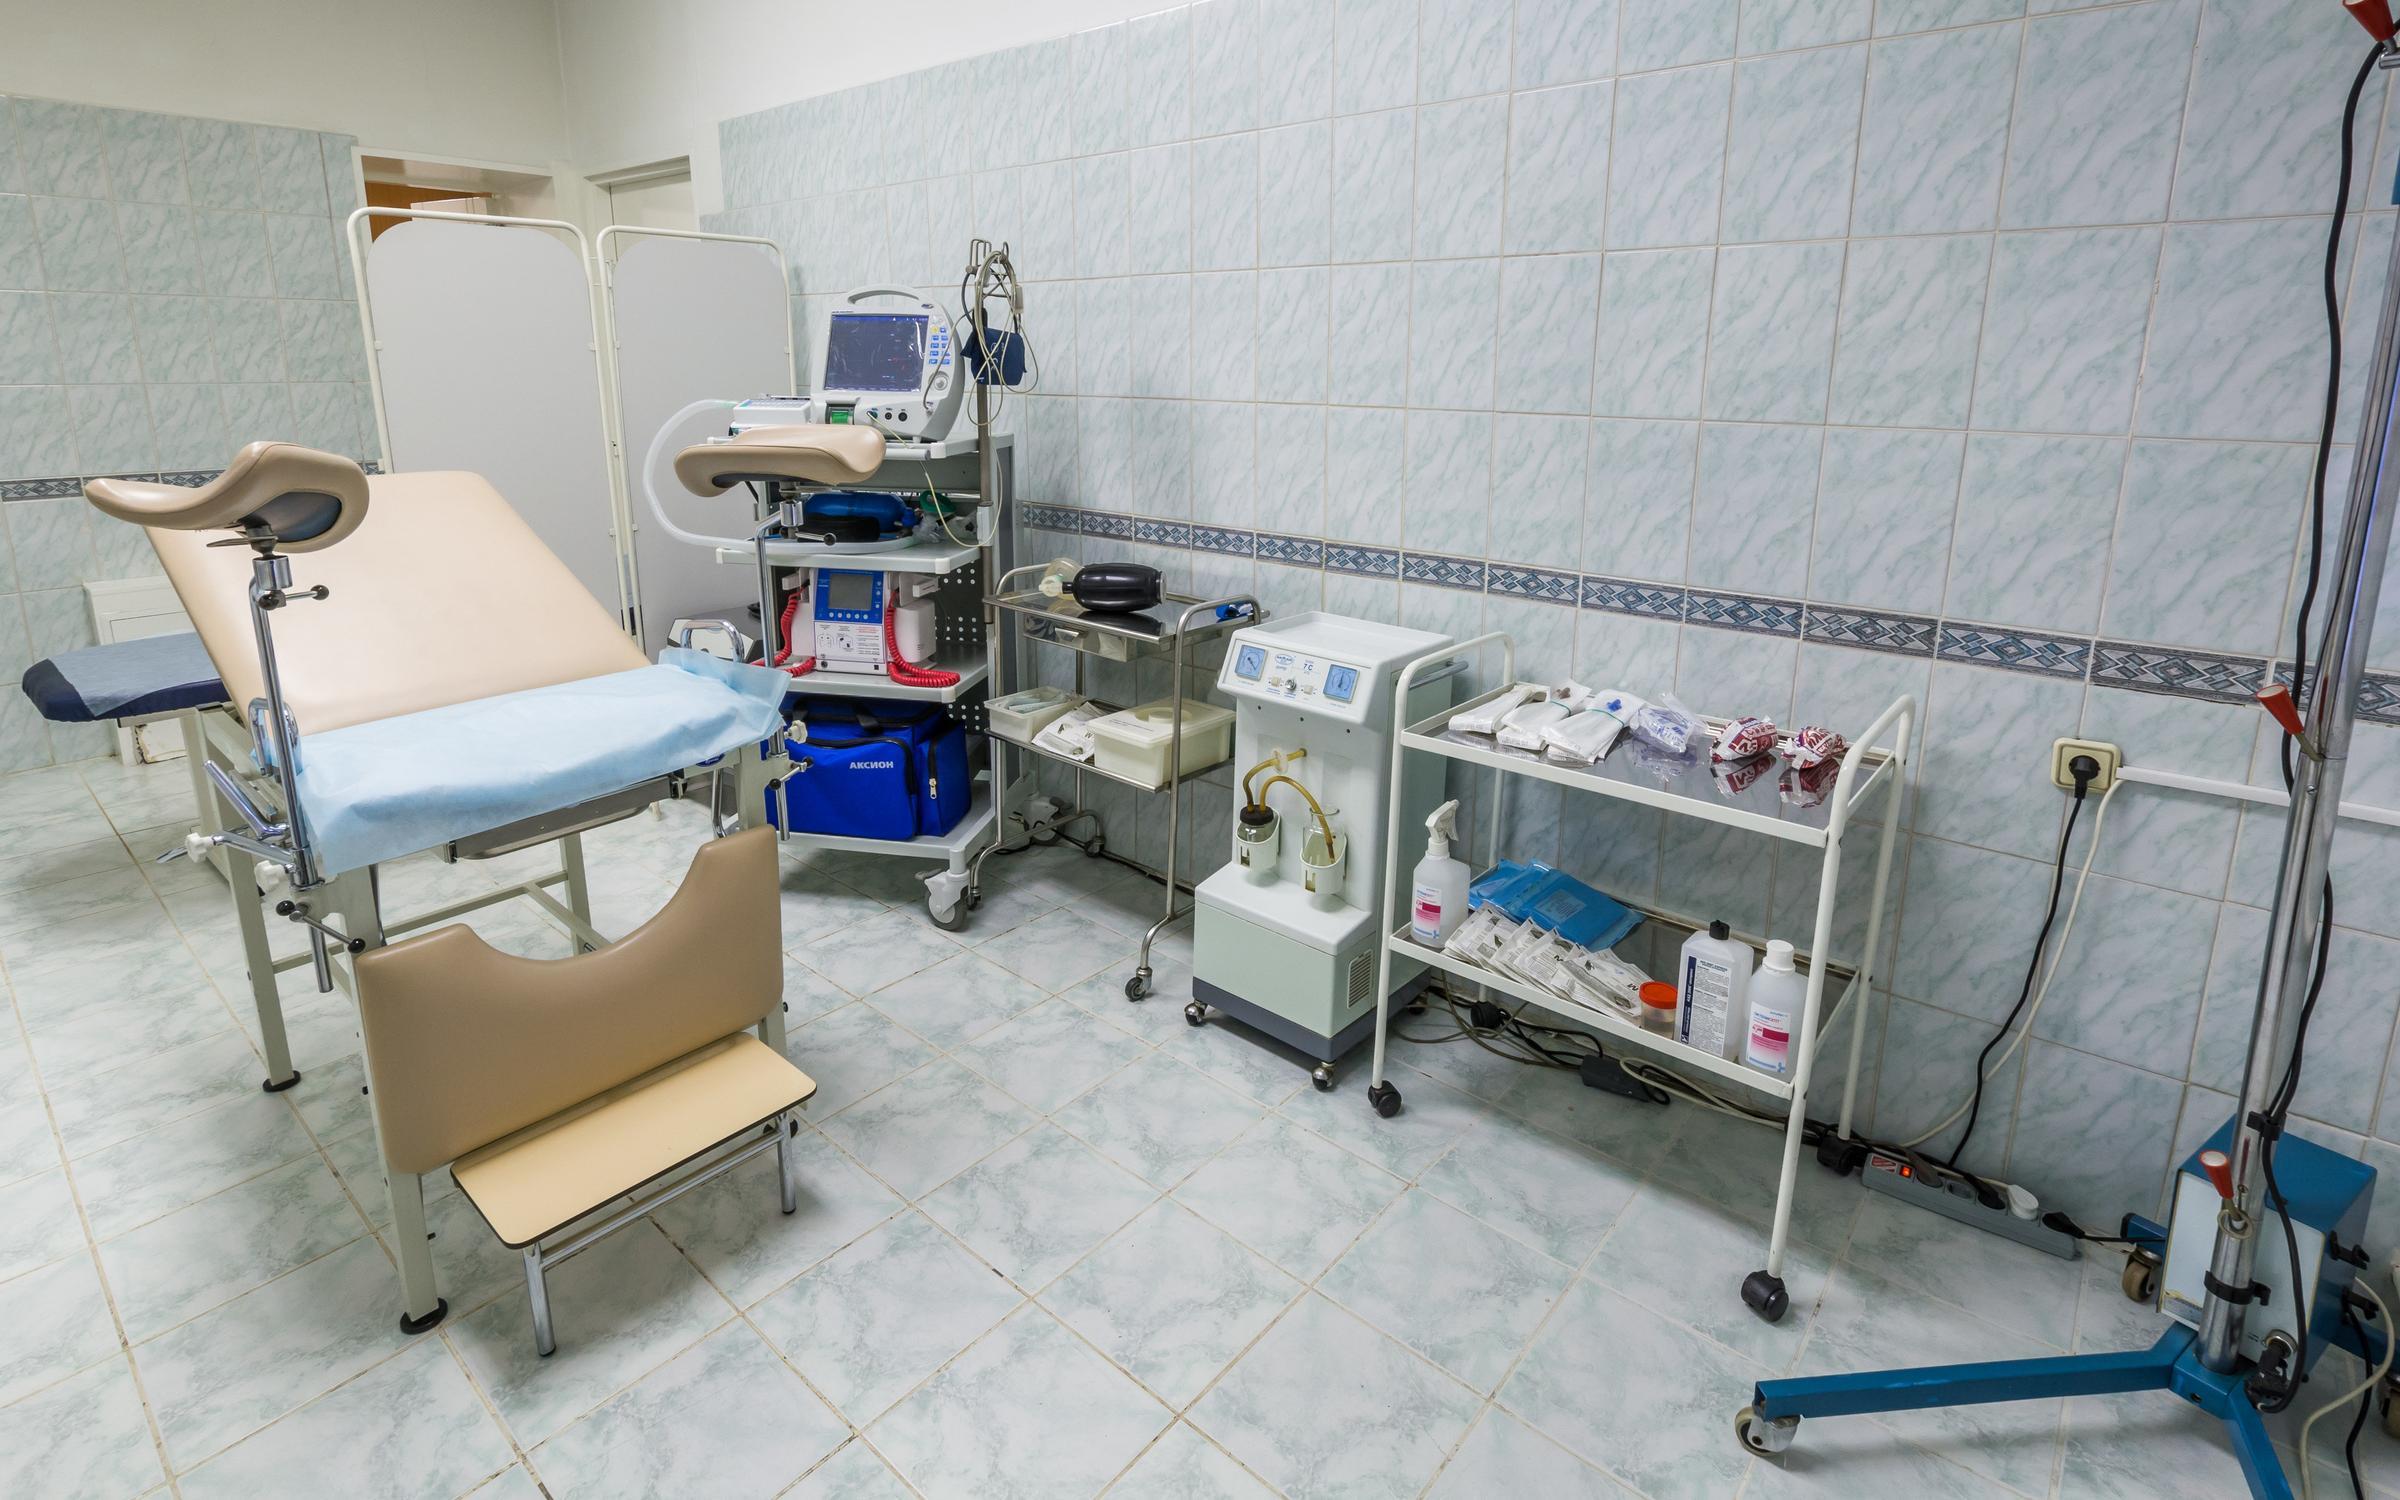 Справка от гастроэнтеролога Уица Черняховского Медицинское заключение о состоянии здоровья Выхино-Жулебино